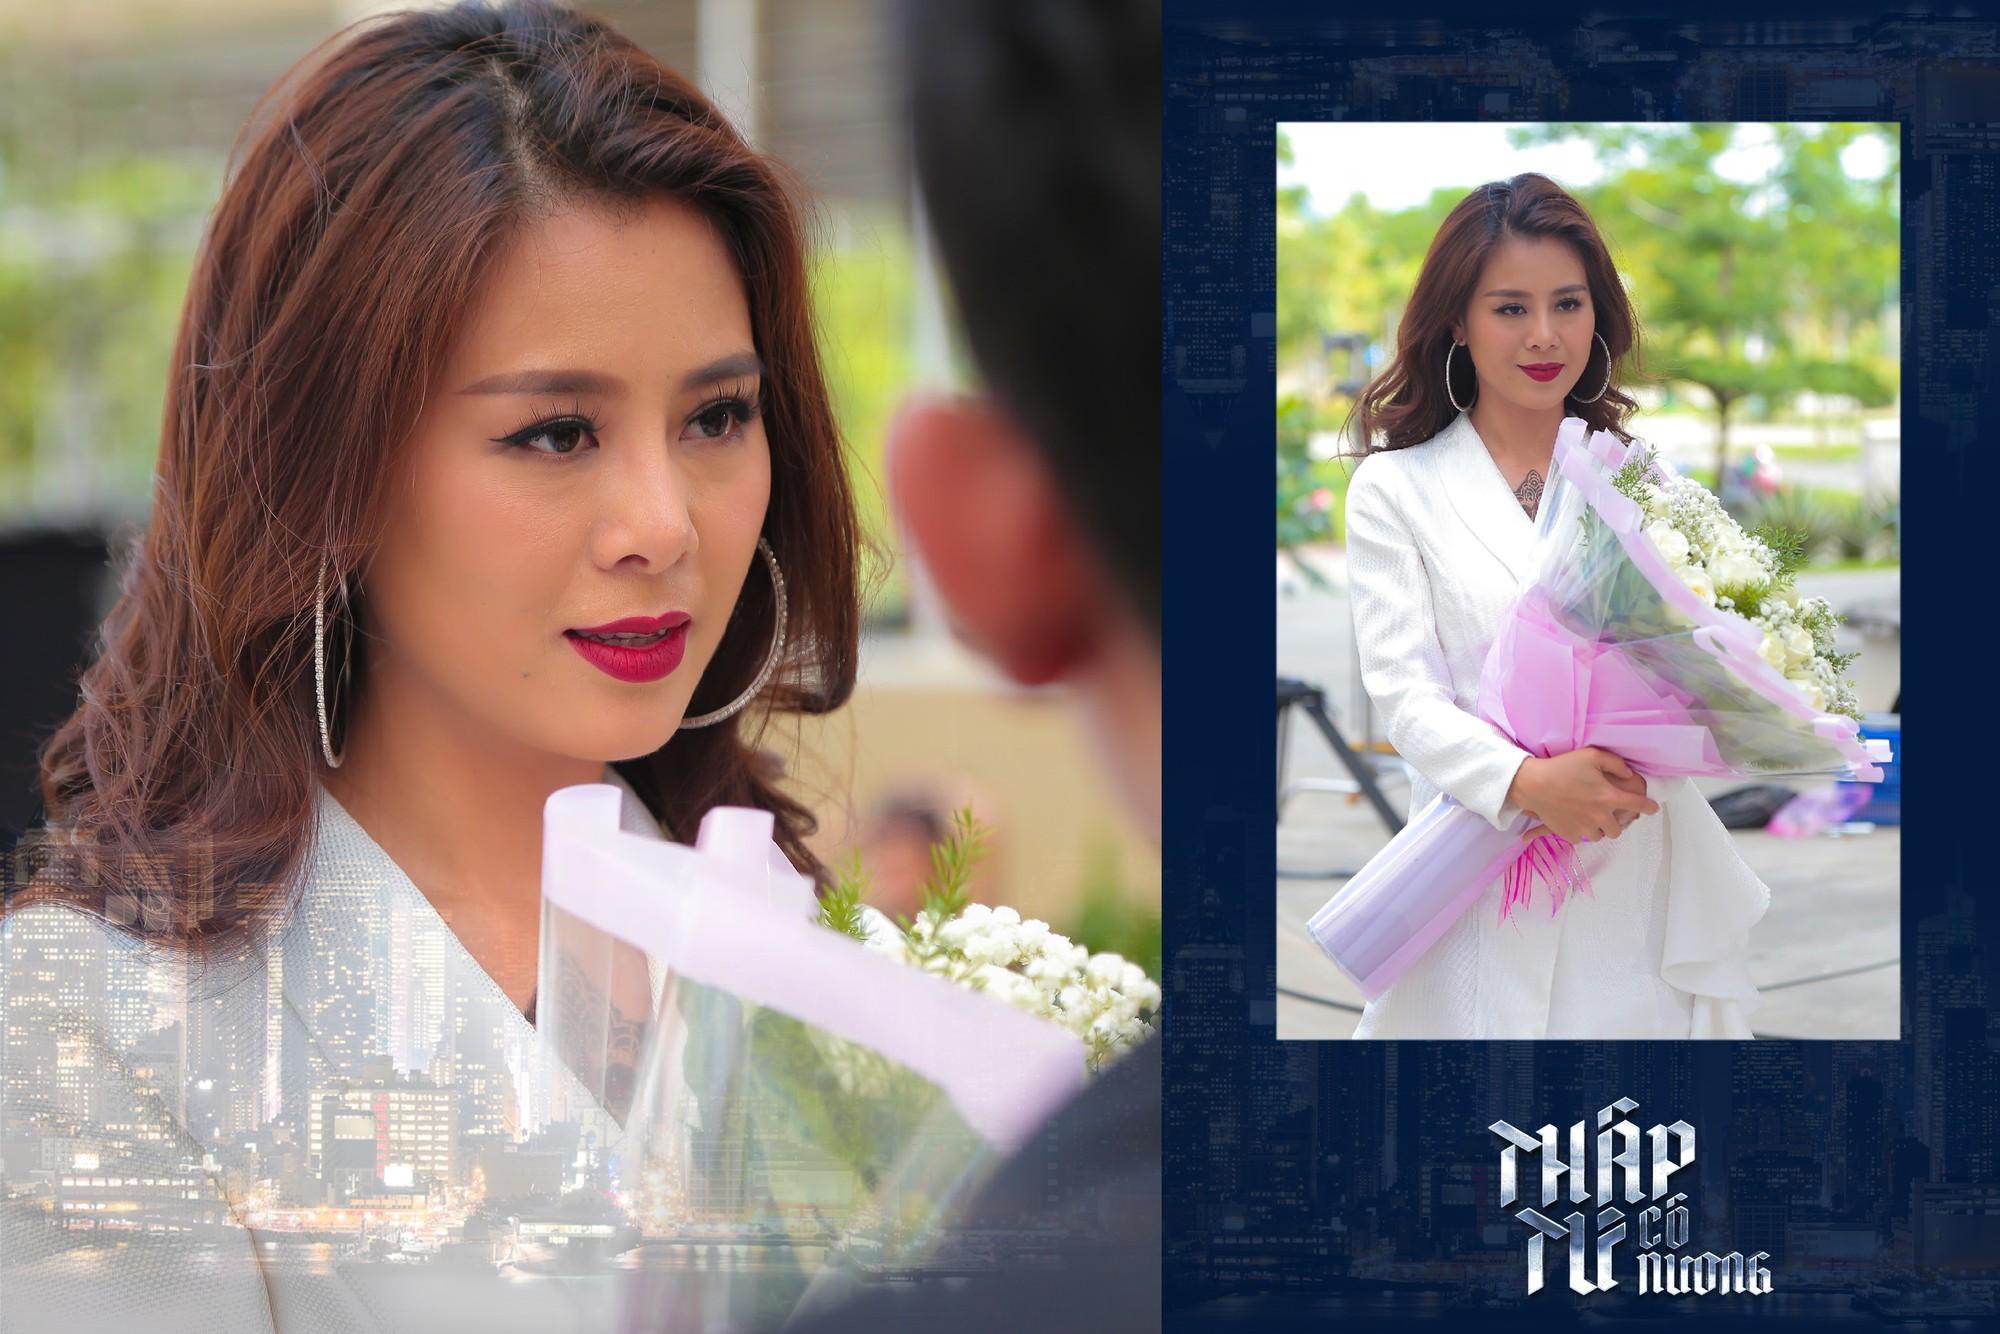 Muốn biết lí do vì sao web drama Thập Tứ Cô Nương của Nam Thư bùng